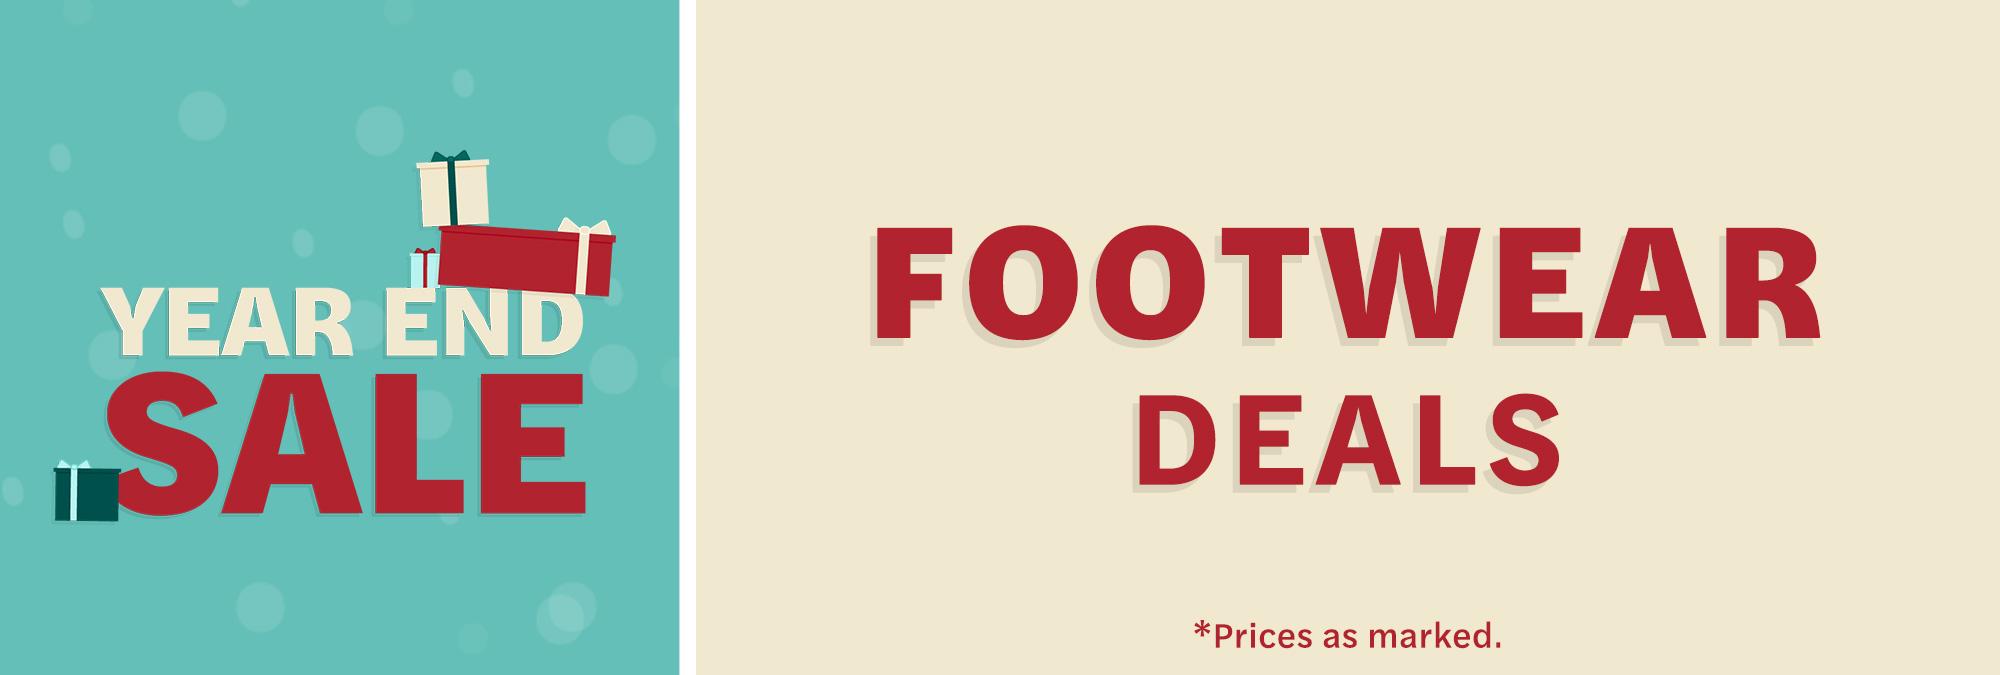 Year End Sale 2020 - Footwear Deals